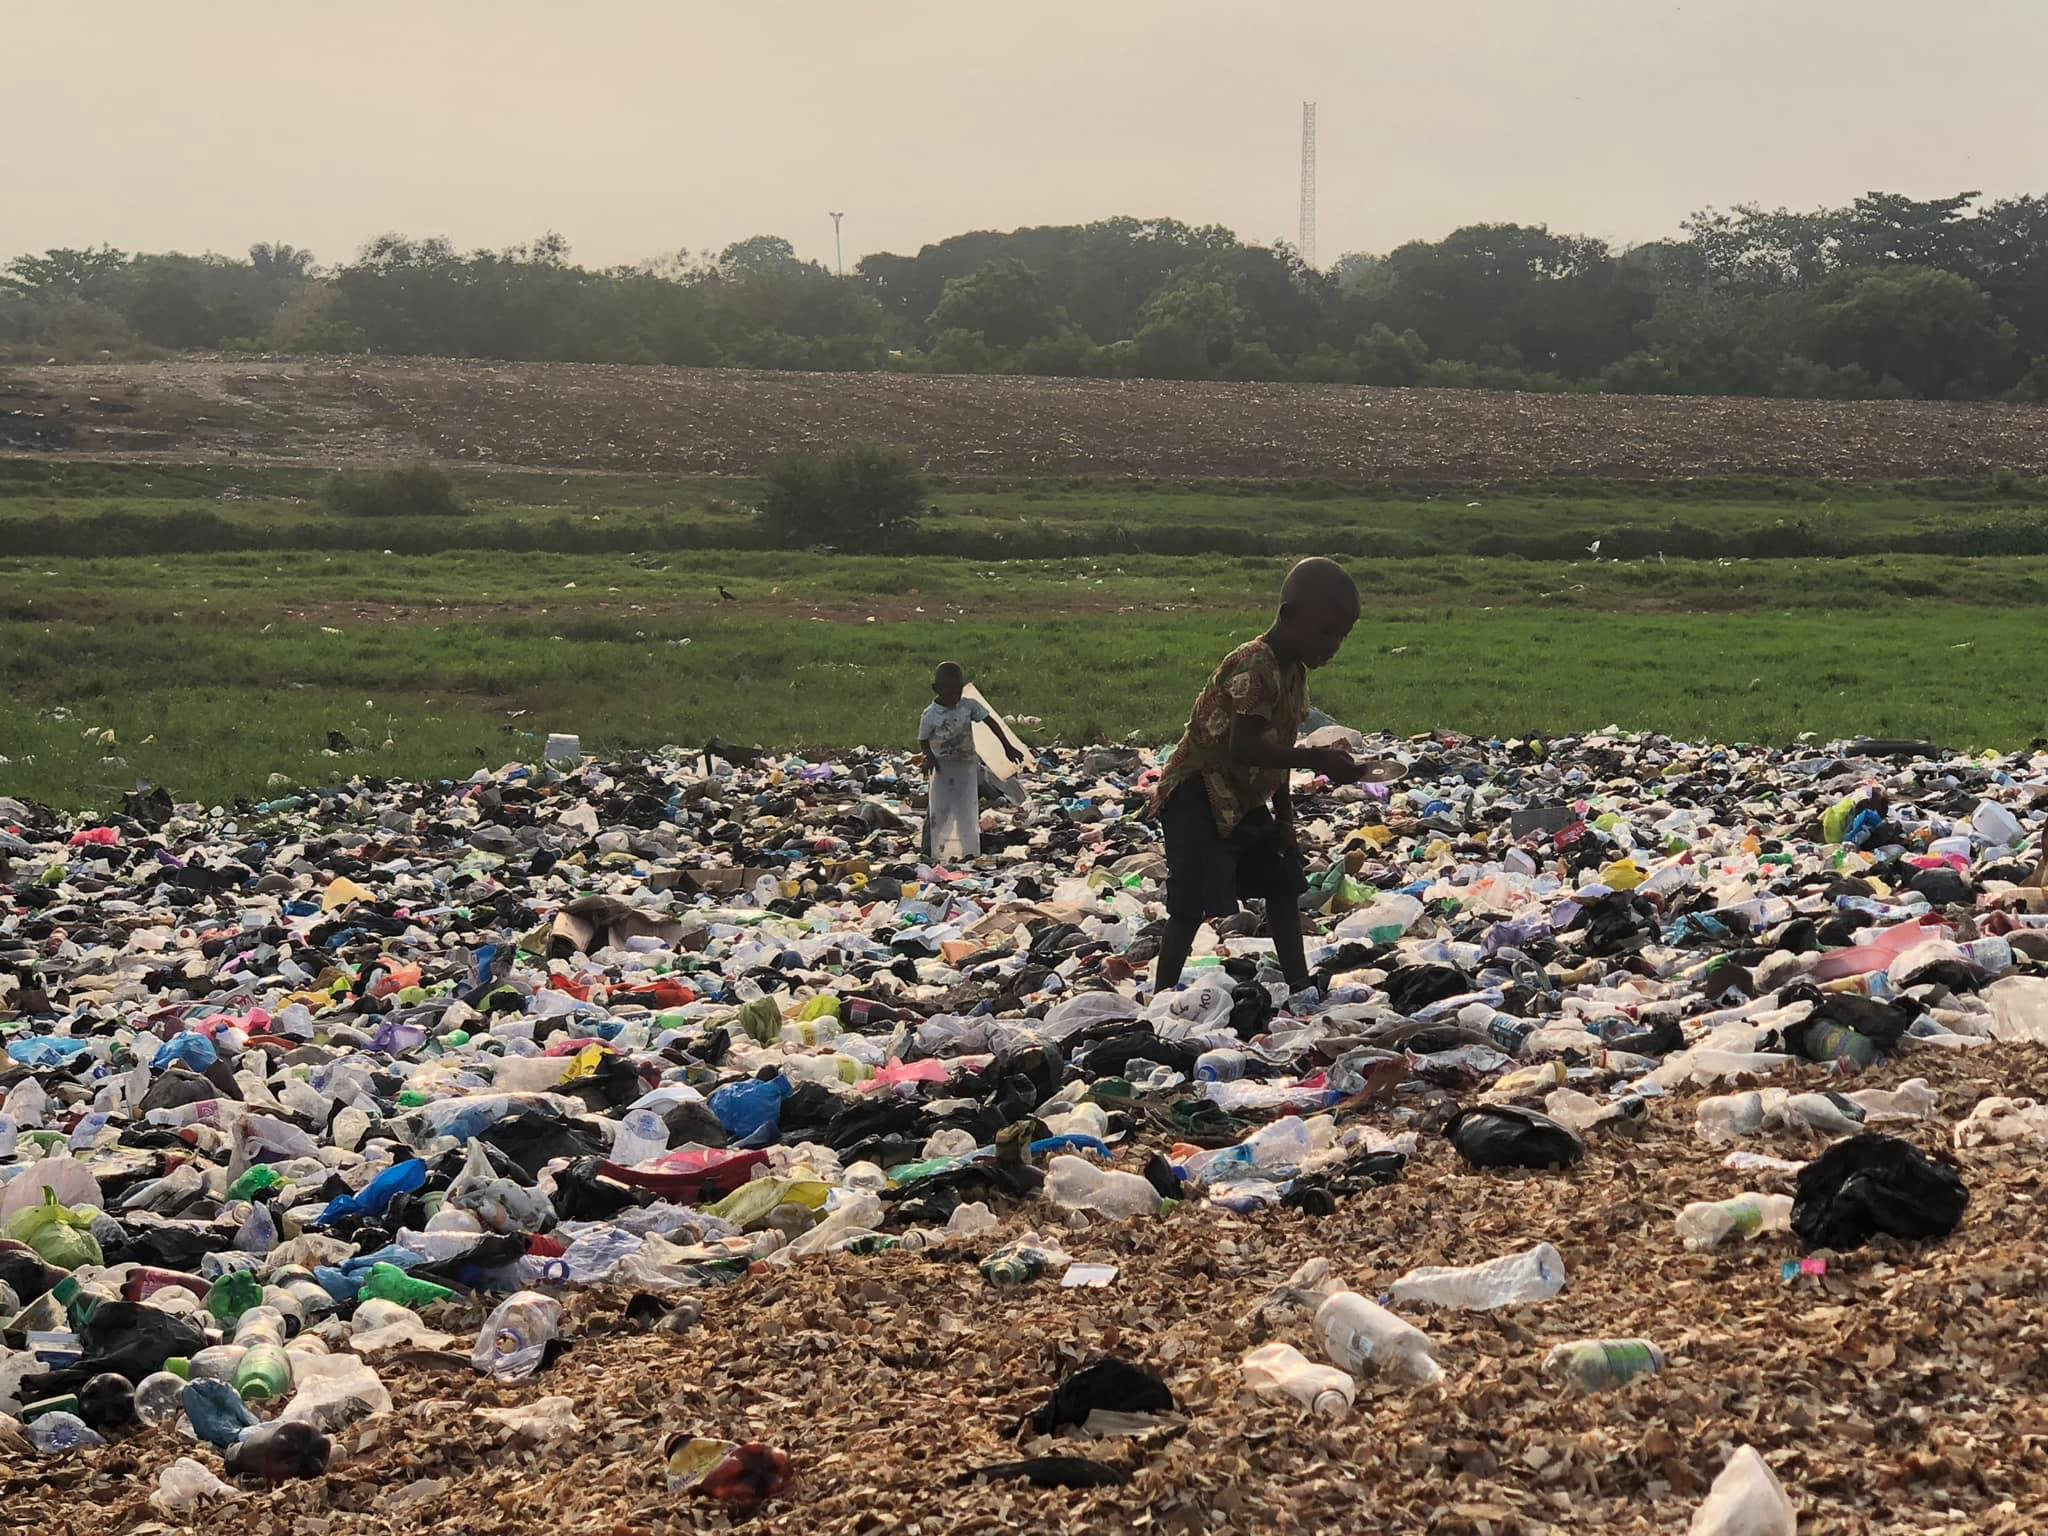 ゴミ山で生活するスラム街の子供達